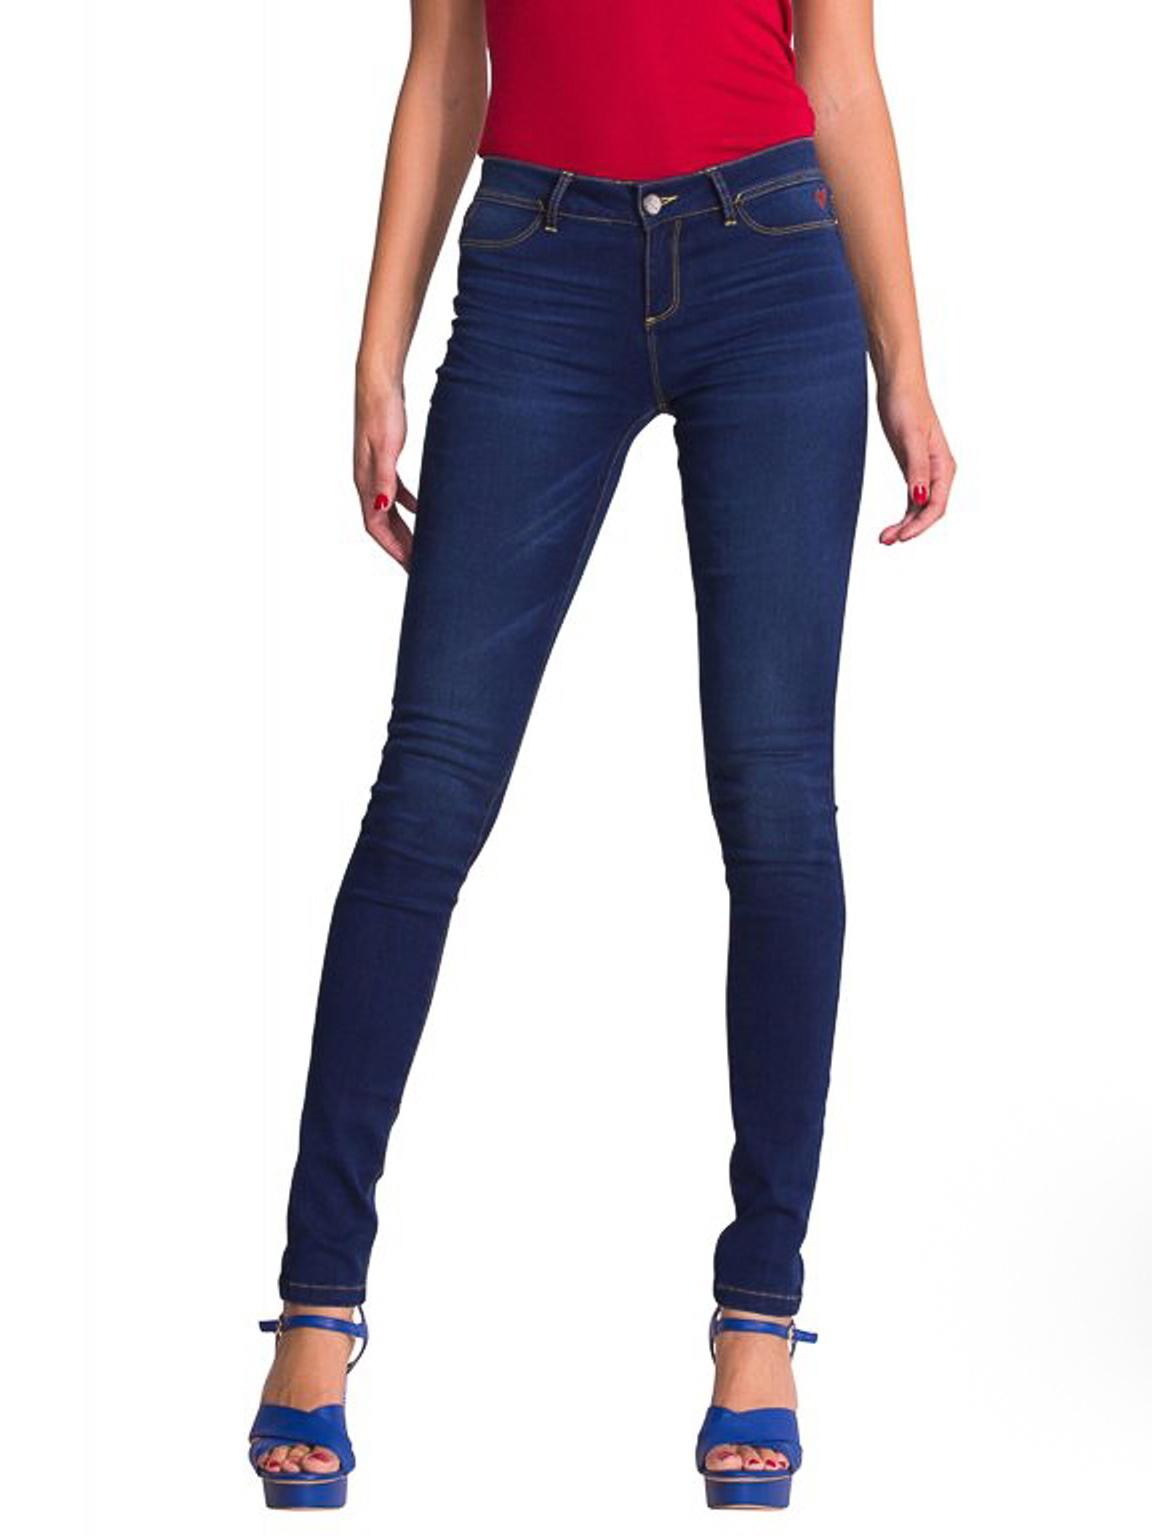 Темно-синие джинсы Desigual 50D26A0  Синий Free Style